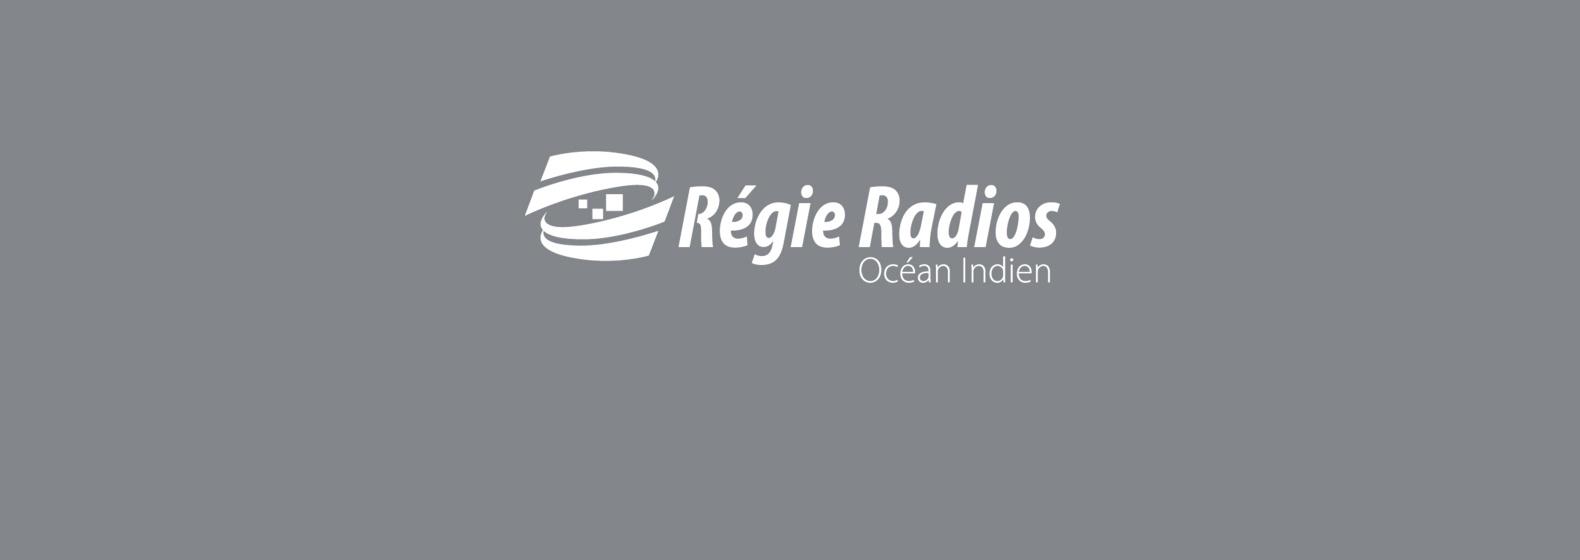 regie-radios.jpg